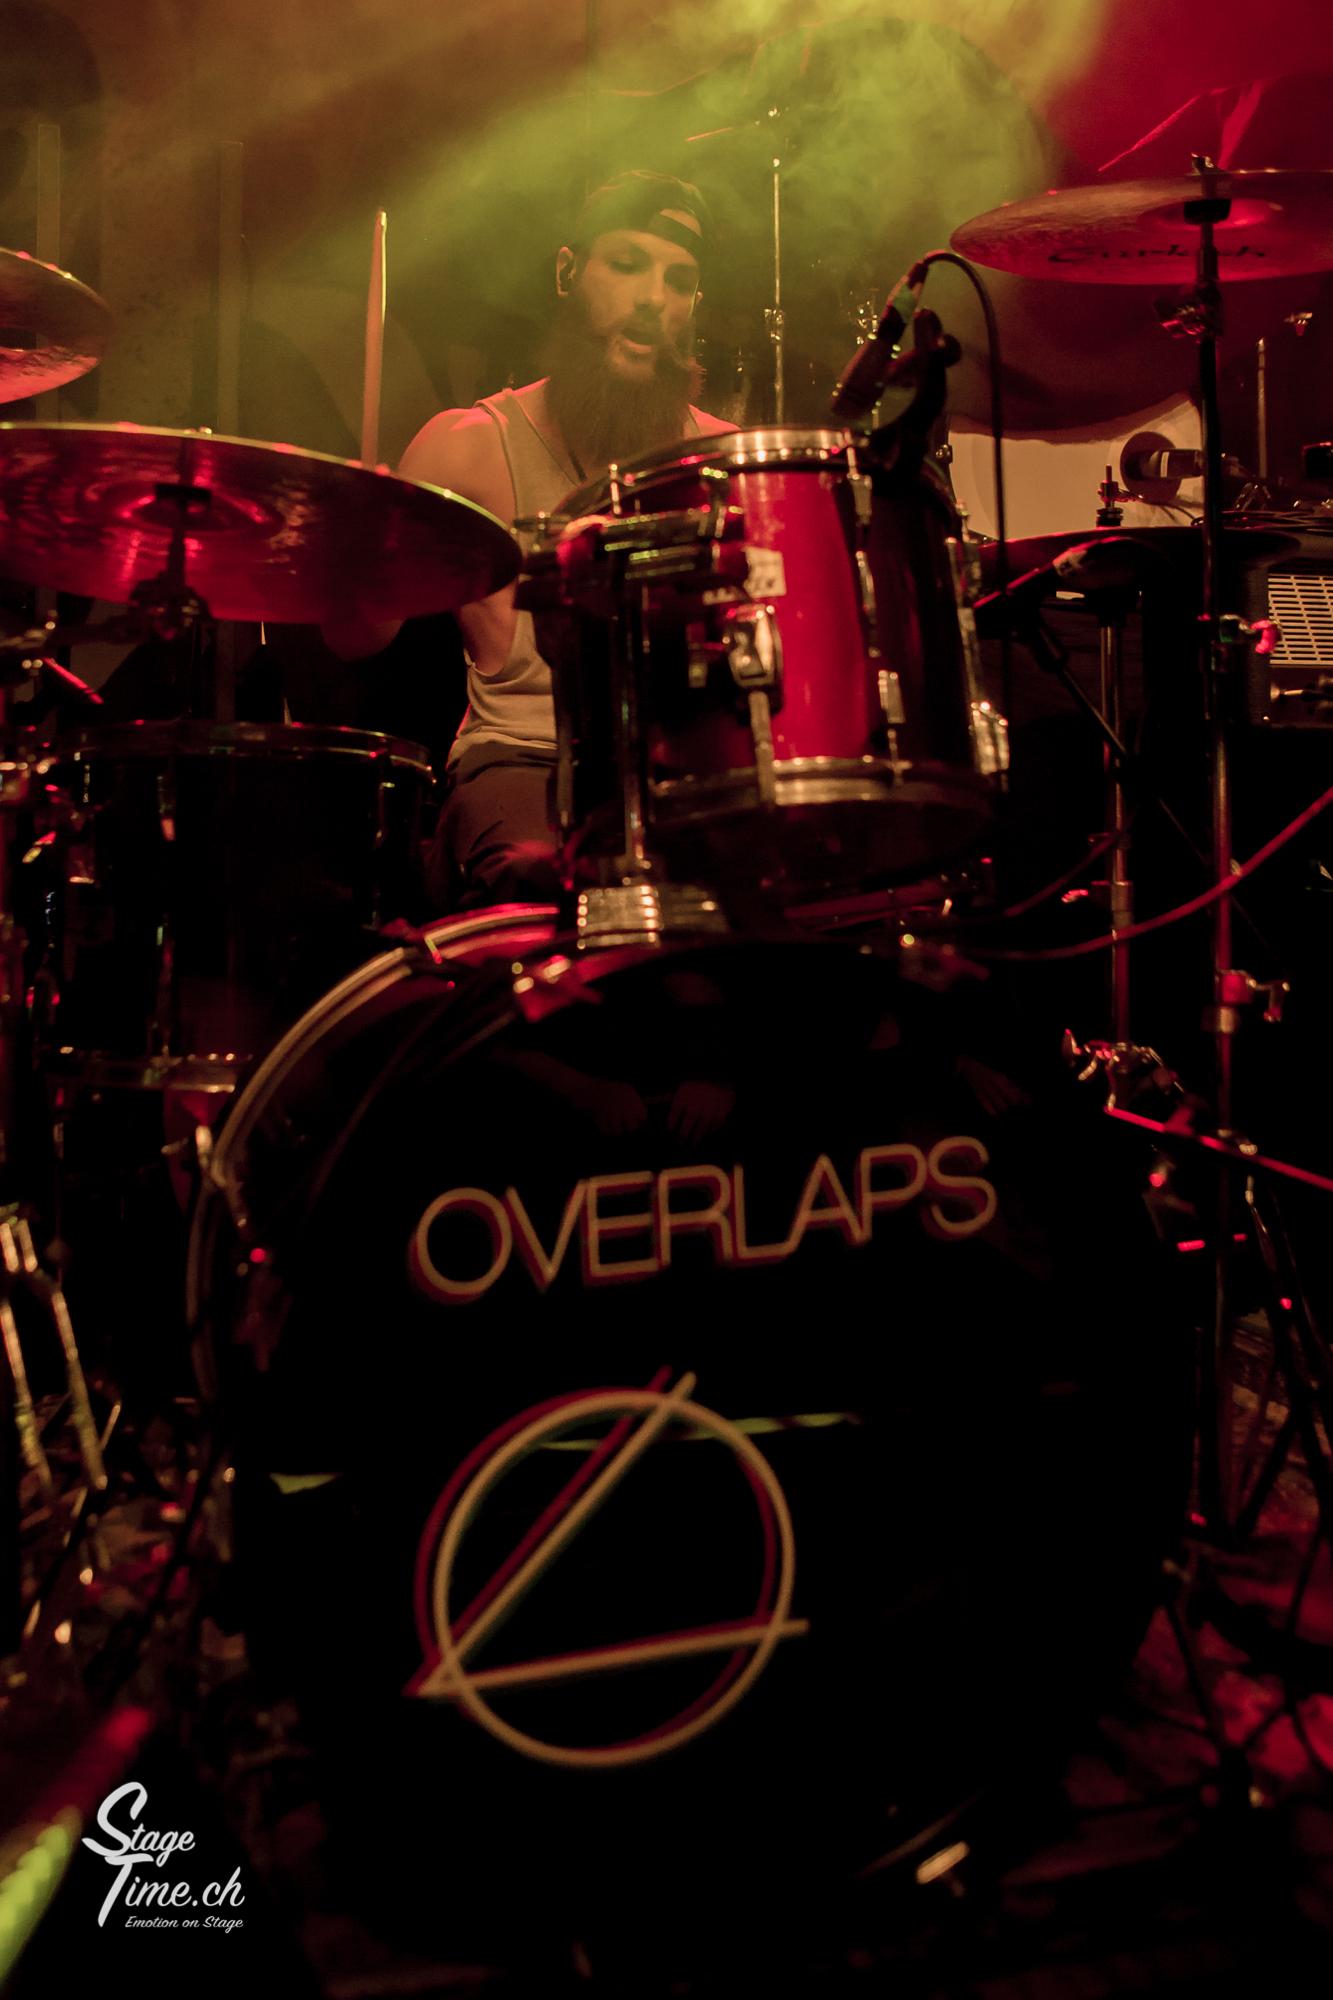 Overlaps-2